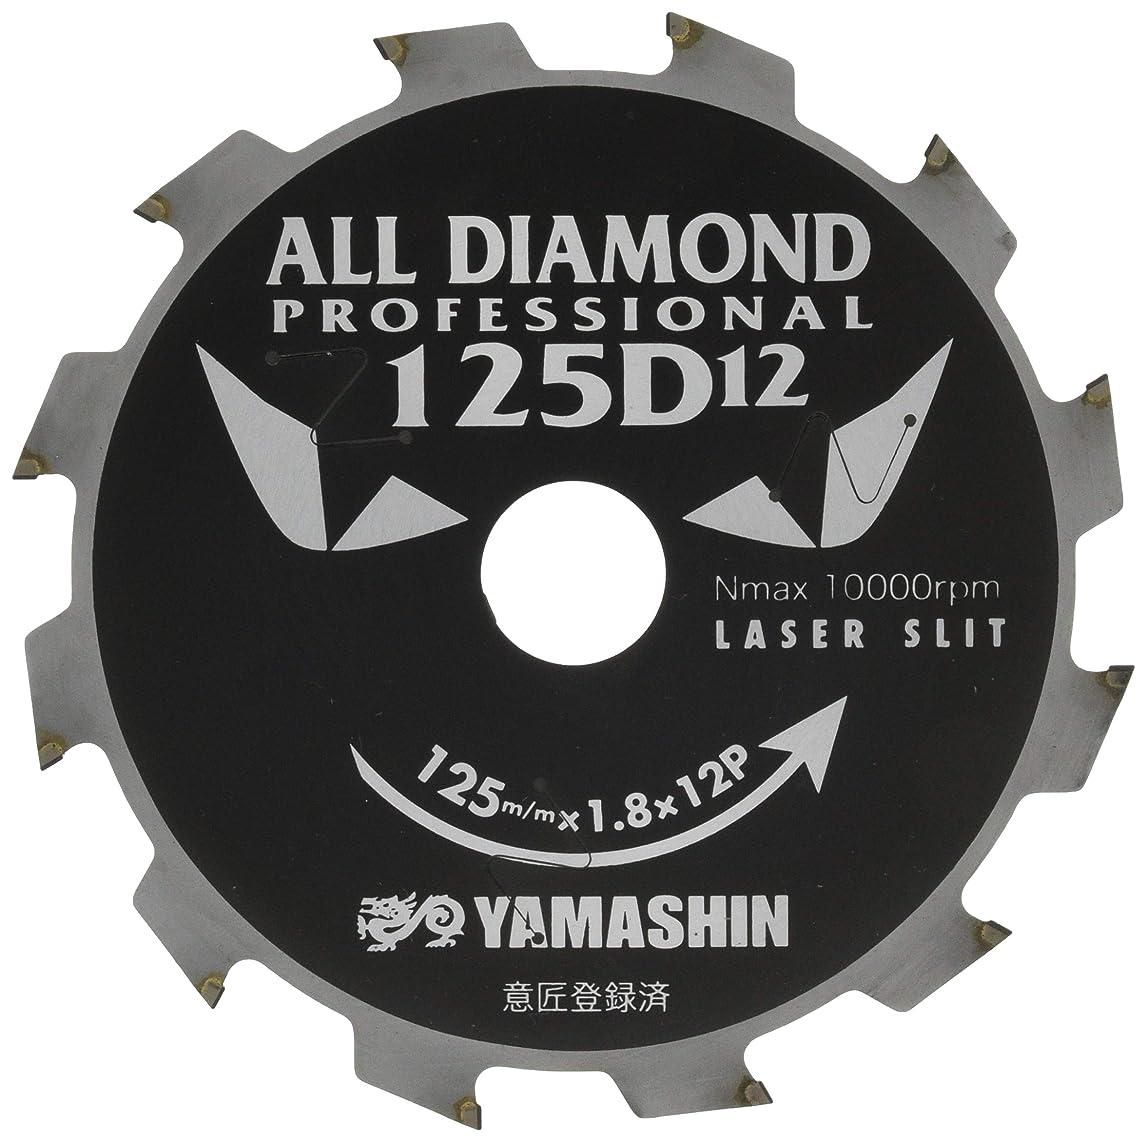 パイキャラバン今後山真製鋸(YAMASHIN) オールダイヤモンド(12P) 125x12P CYT-YSD-125D12